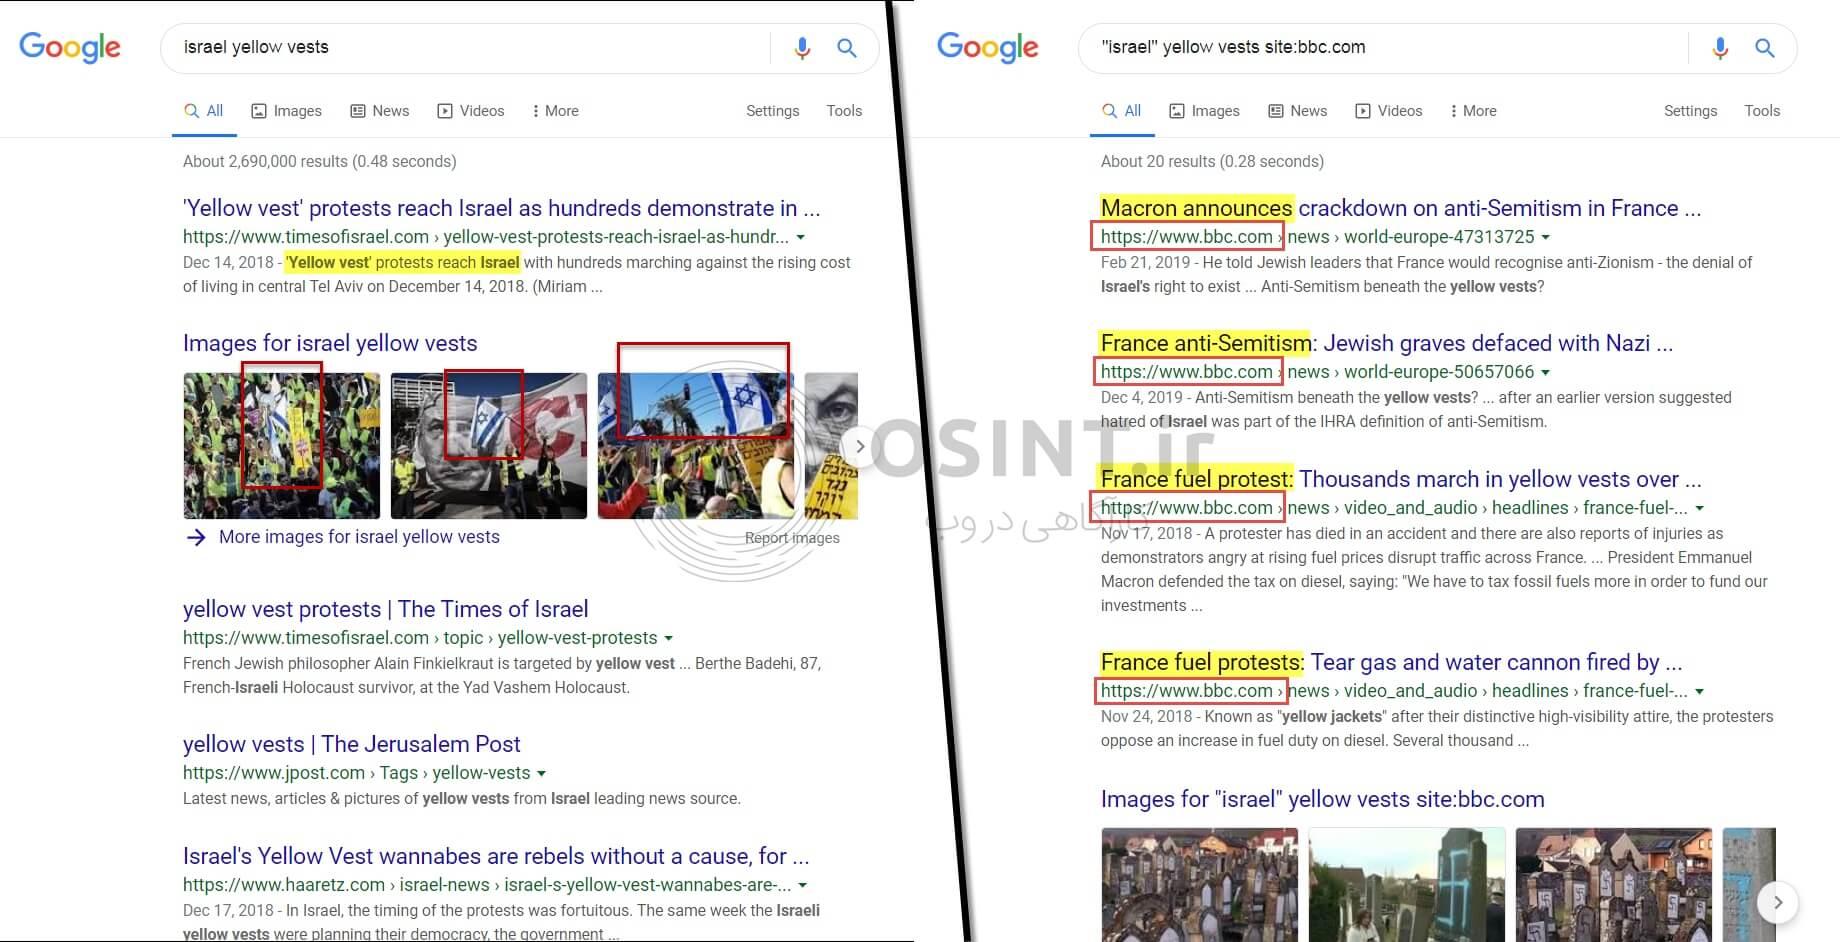 جستجوی اعتراضات جلیقه زردها در اسرائیل